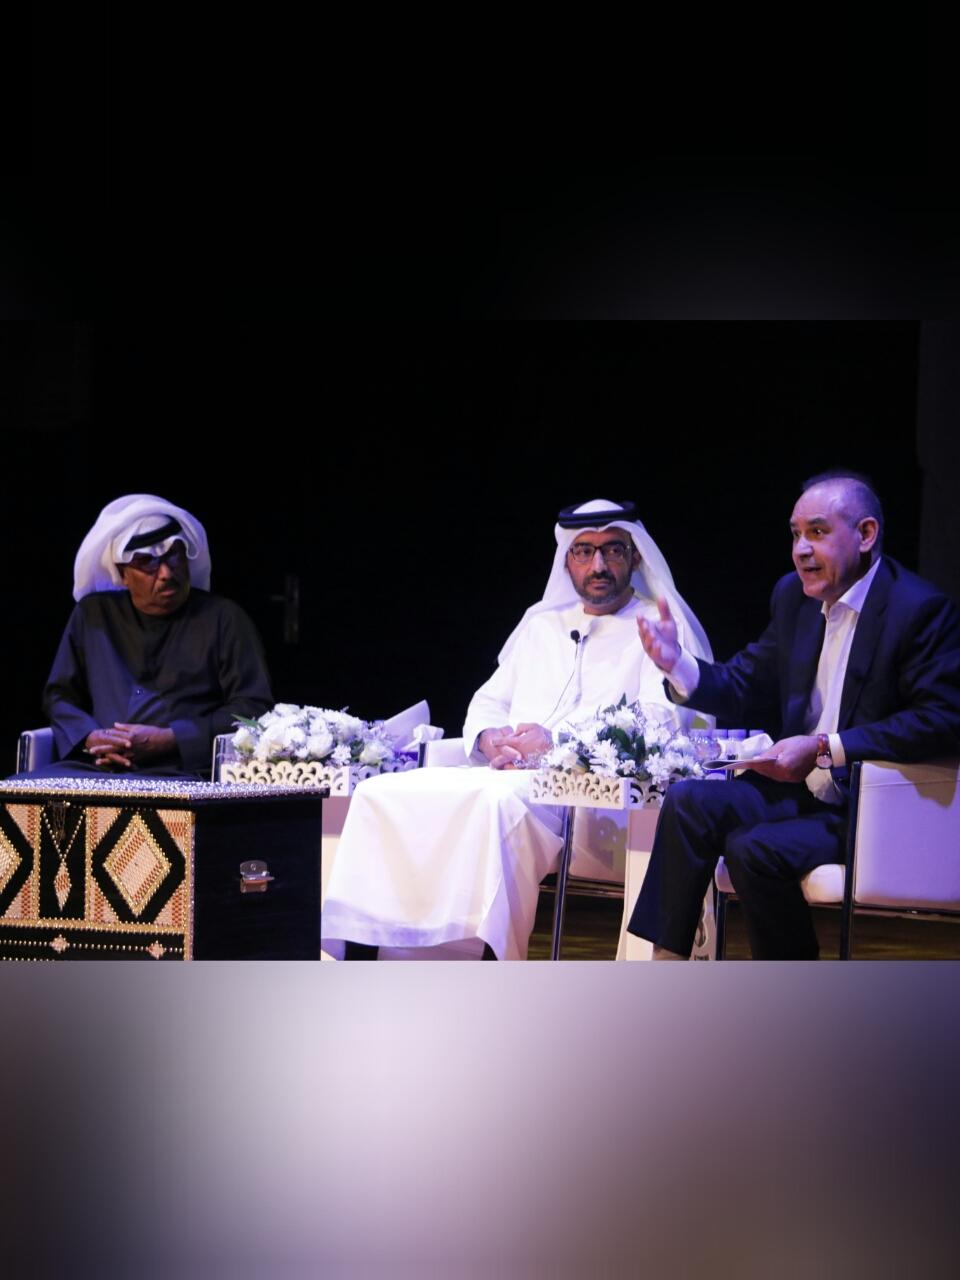 صورة إبراهيم جمعة والشيباني يستحضران التراث الموسيقي الإماراتي في دبا  الفجيرة